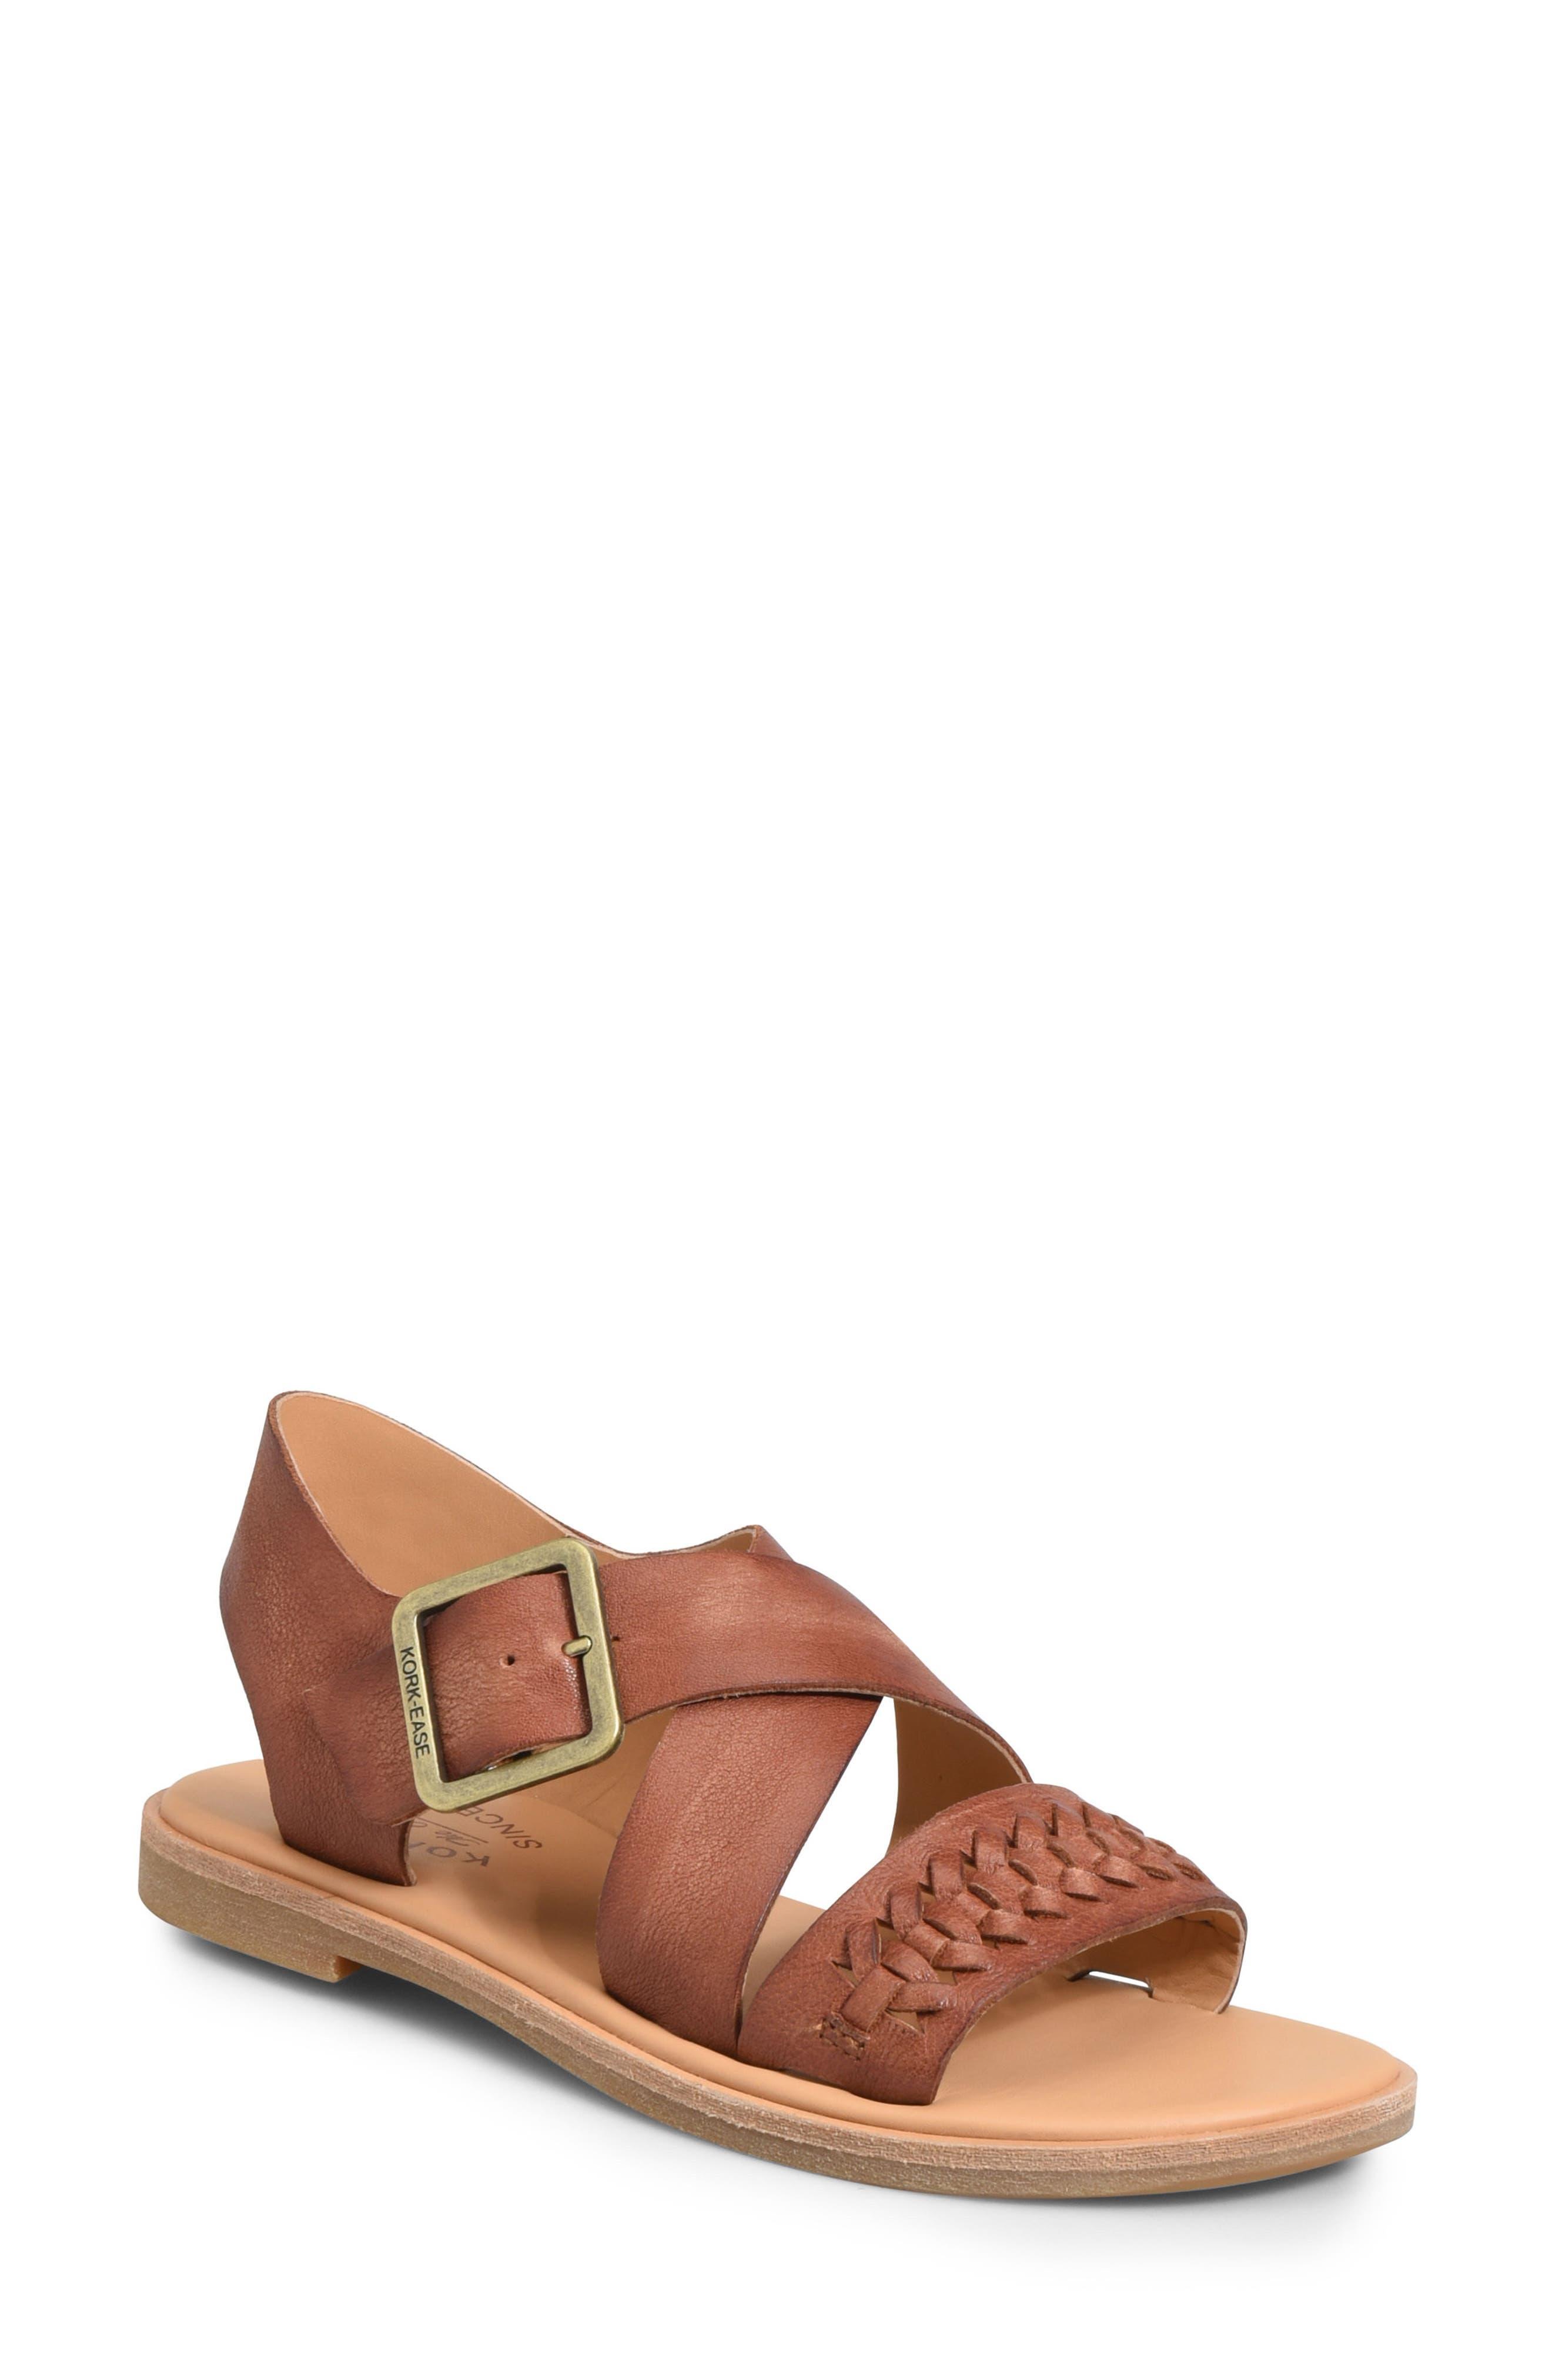 Kork-Ease Nara Braid Sandal, Brown